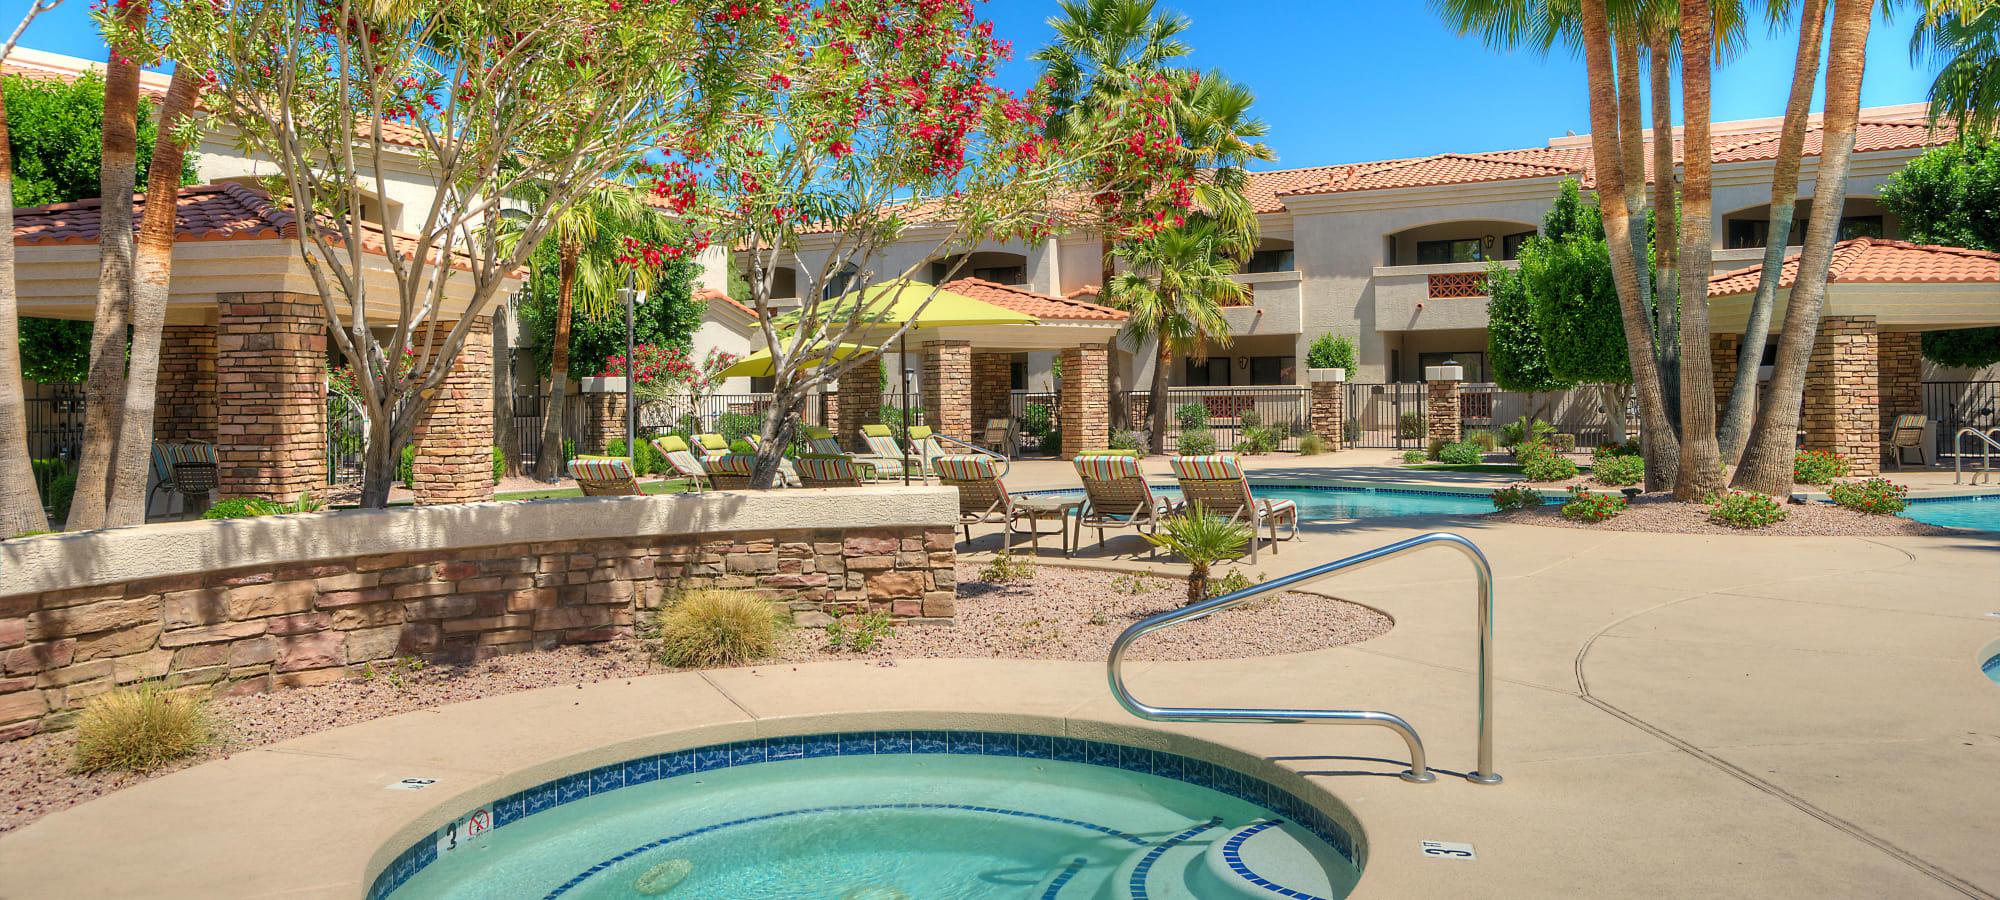 Hot tub at San Prado in Glendale, Arizona